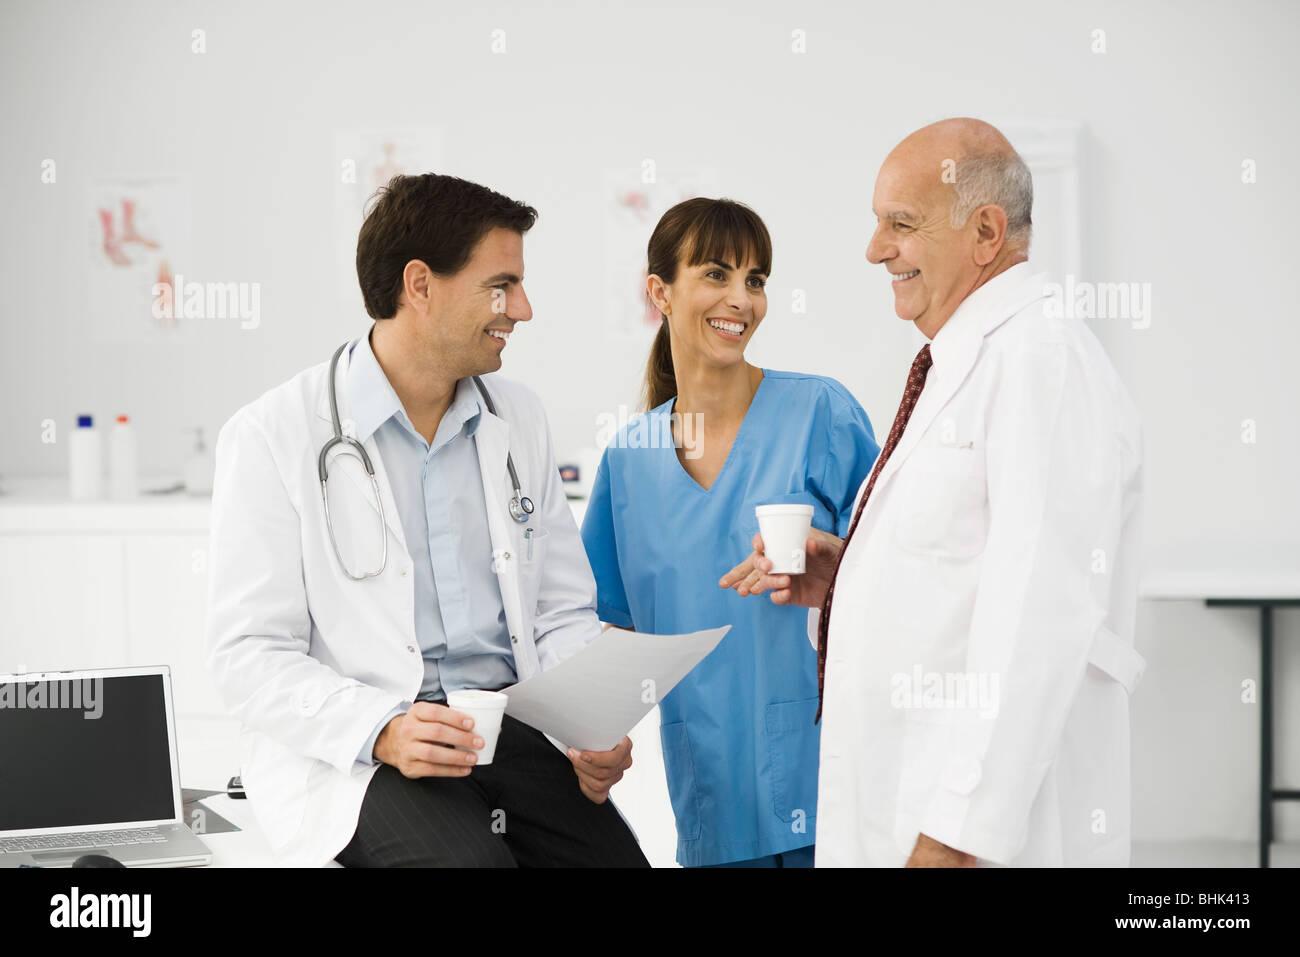 I professionisti medici insieme in pausa Immagini Stock